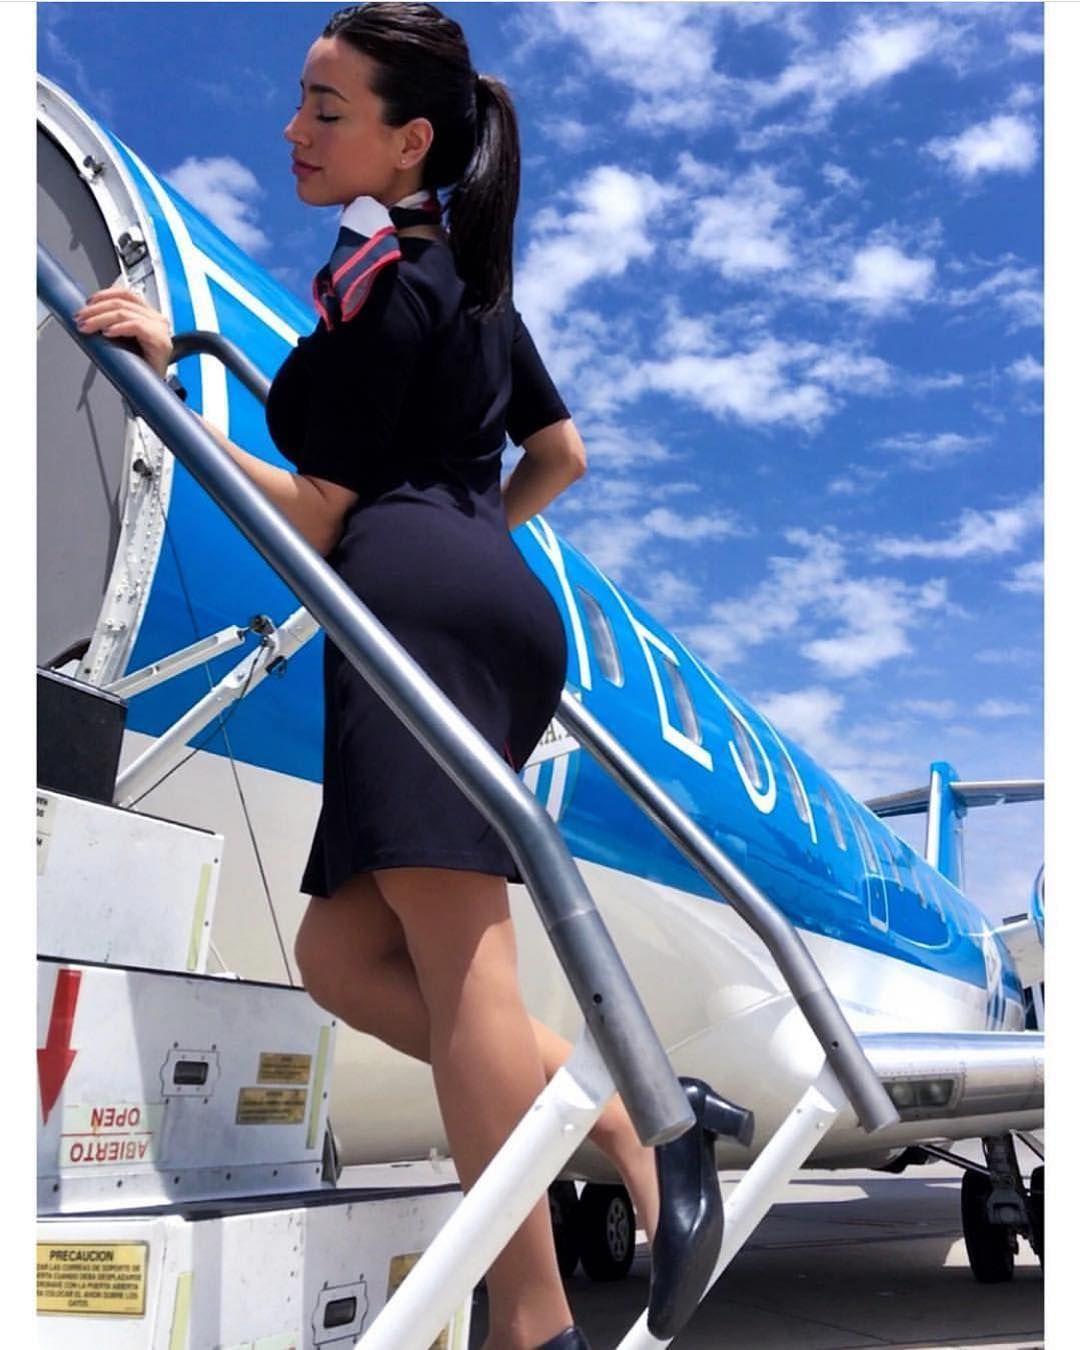 Flight attendant voyeur